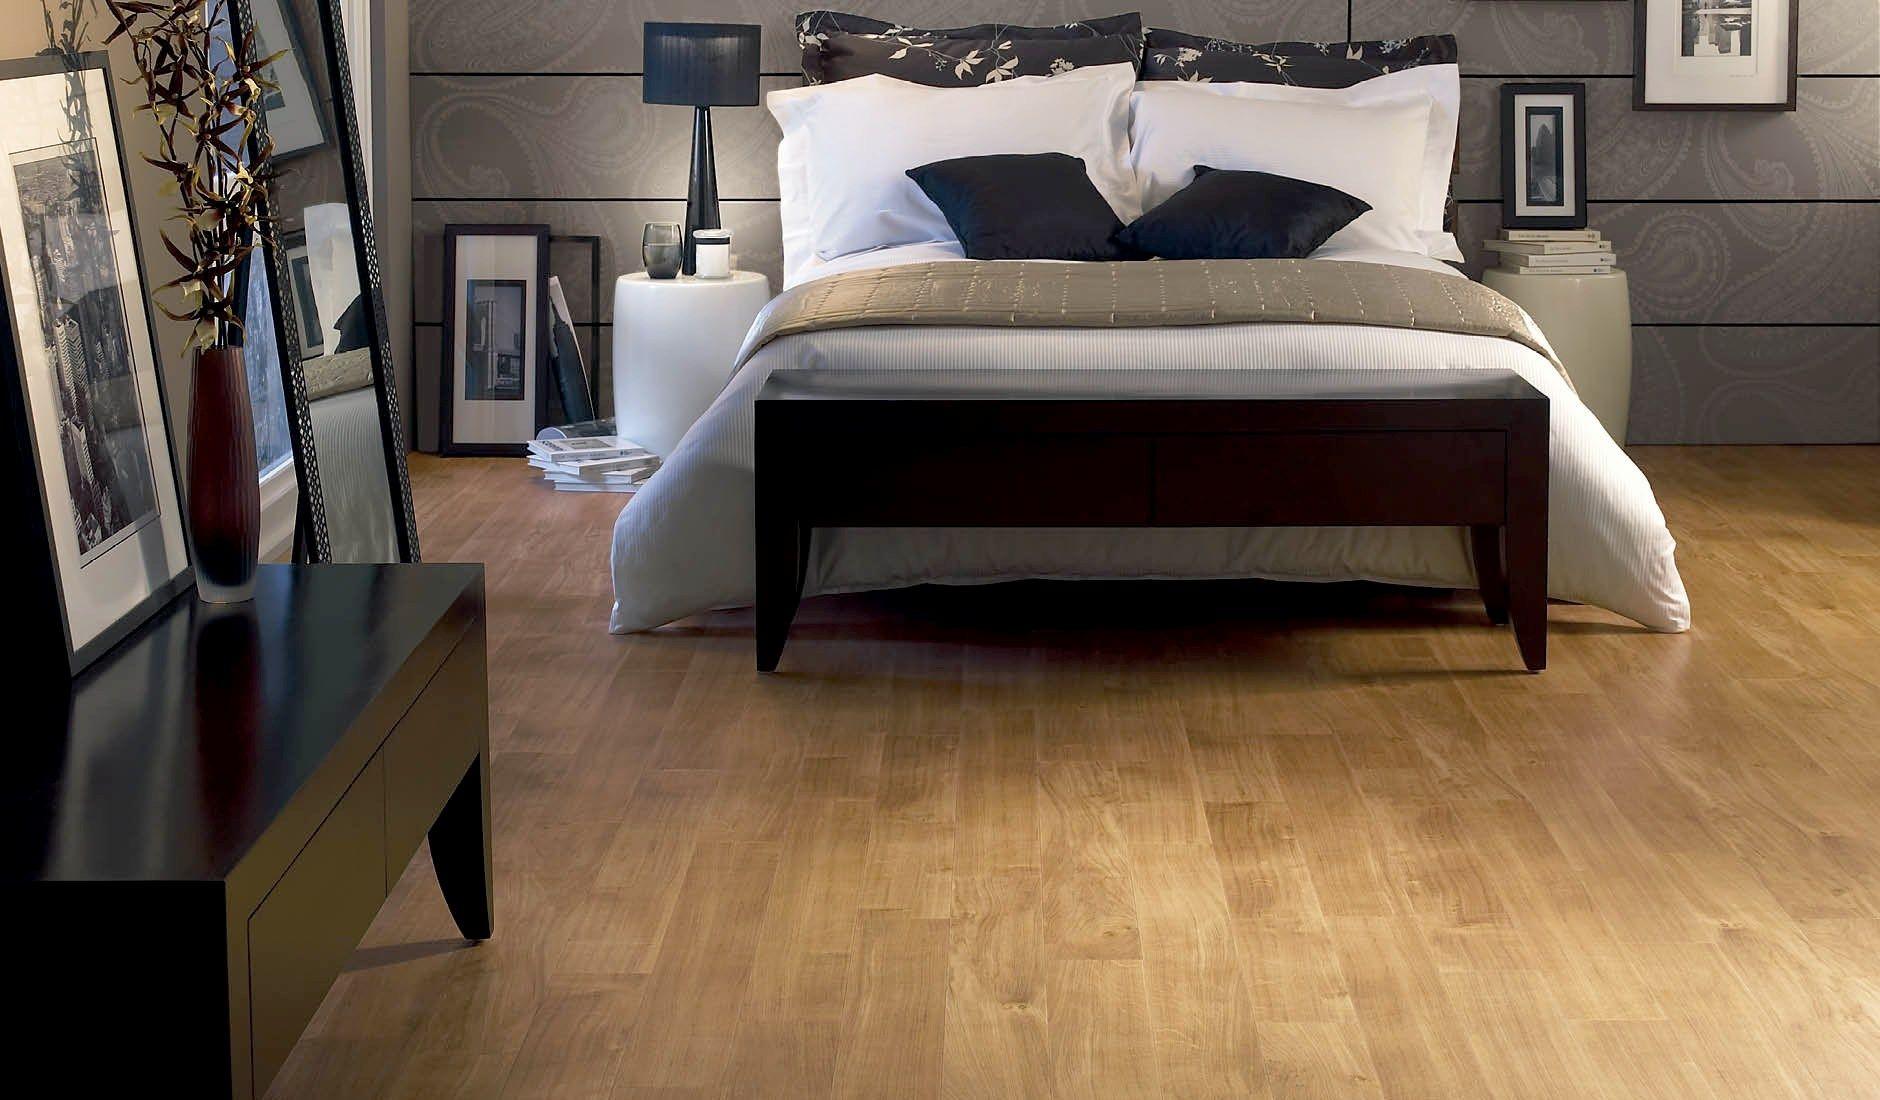 Wood Flooring Ideas And Trends For Your Stunning Bedroom Dark Ideas Decor Natural Li Bedroom Wooden Floor Wood Floor Design Interior Decoration Bedroom